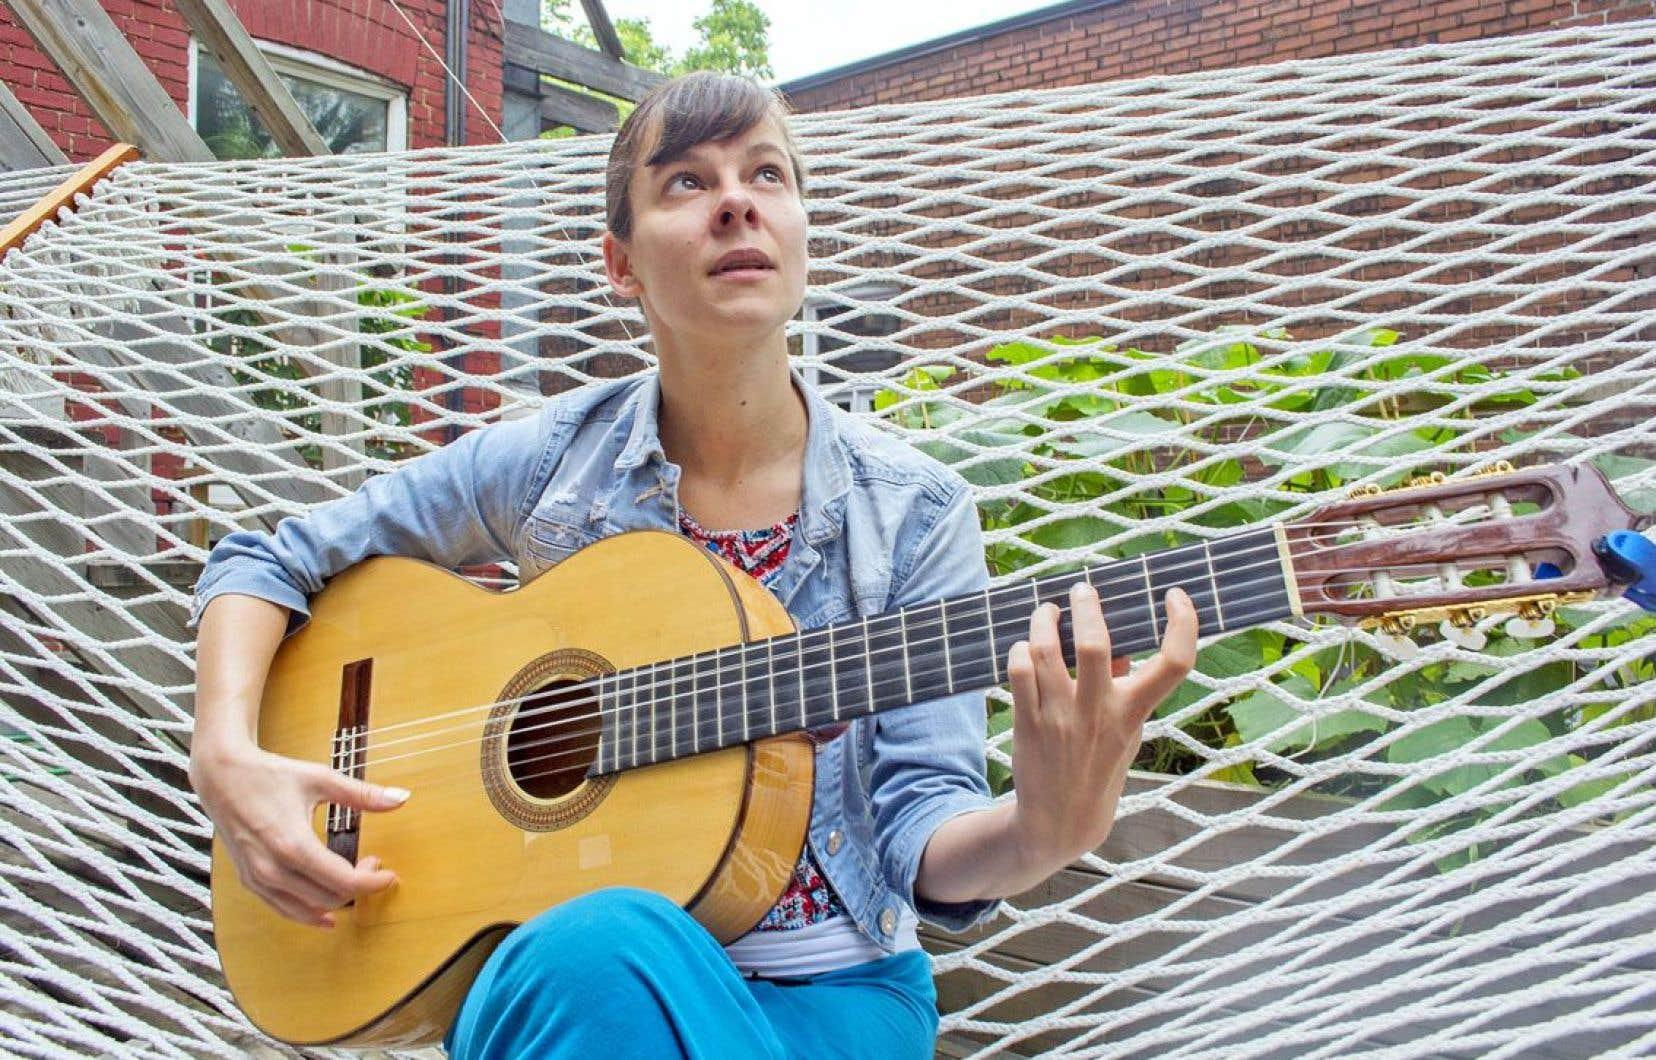 Caroline Planté a commencé jeune dans le métier. À l'âge de 7 ans, elle accompagnait son père dans les tablaos flamencos et composait ses premières falcettas.